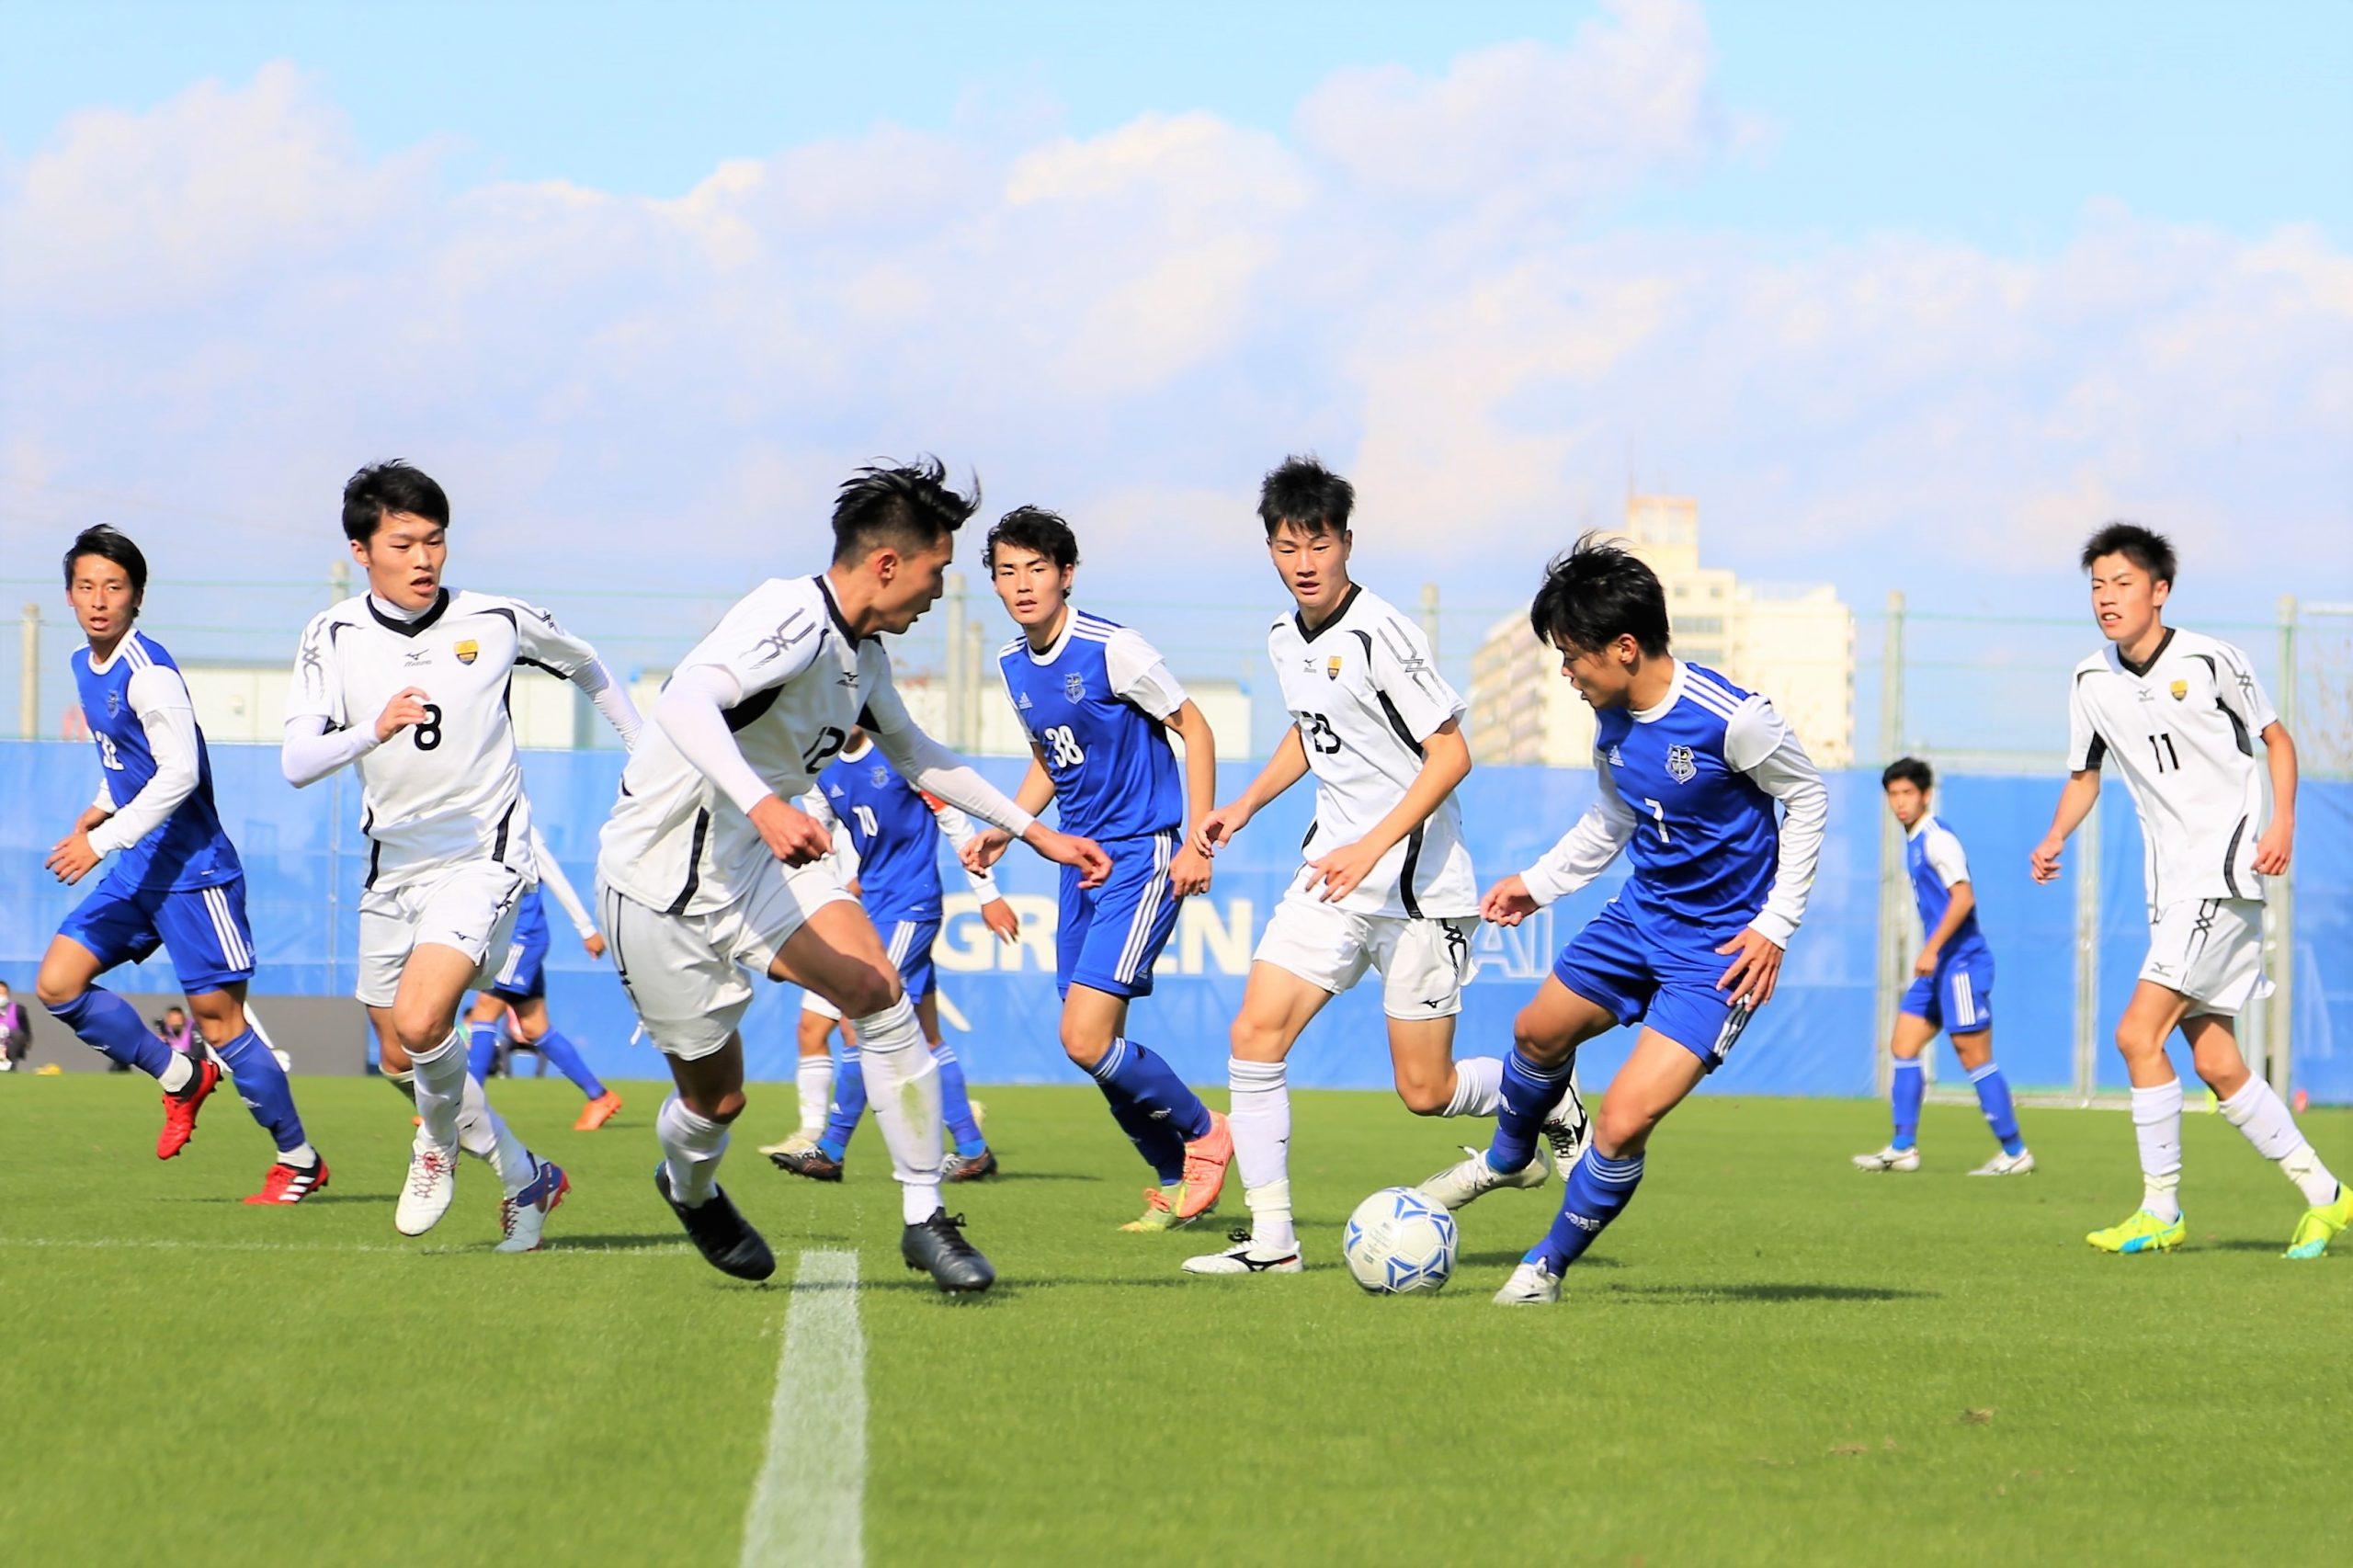 甲南大、全国大会出場決定! 阪南大も勝利で2位タイ。関西学生サッカー延期試合。